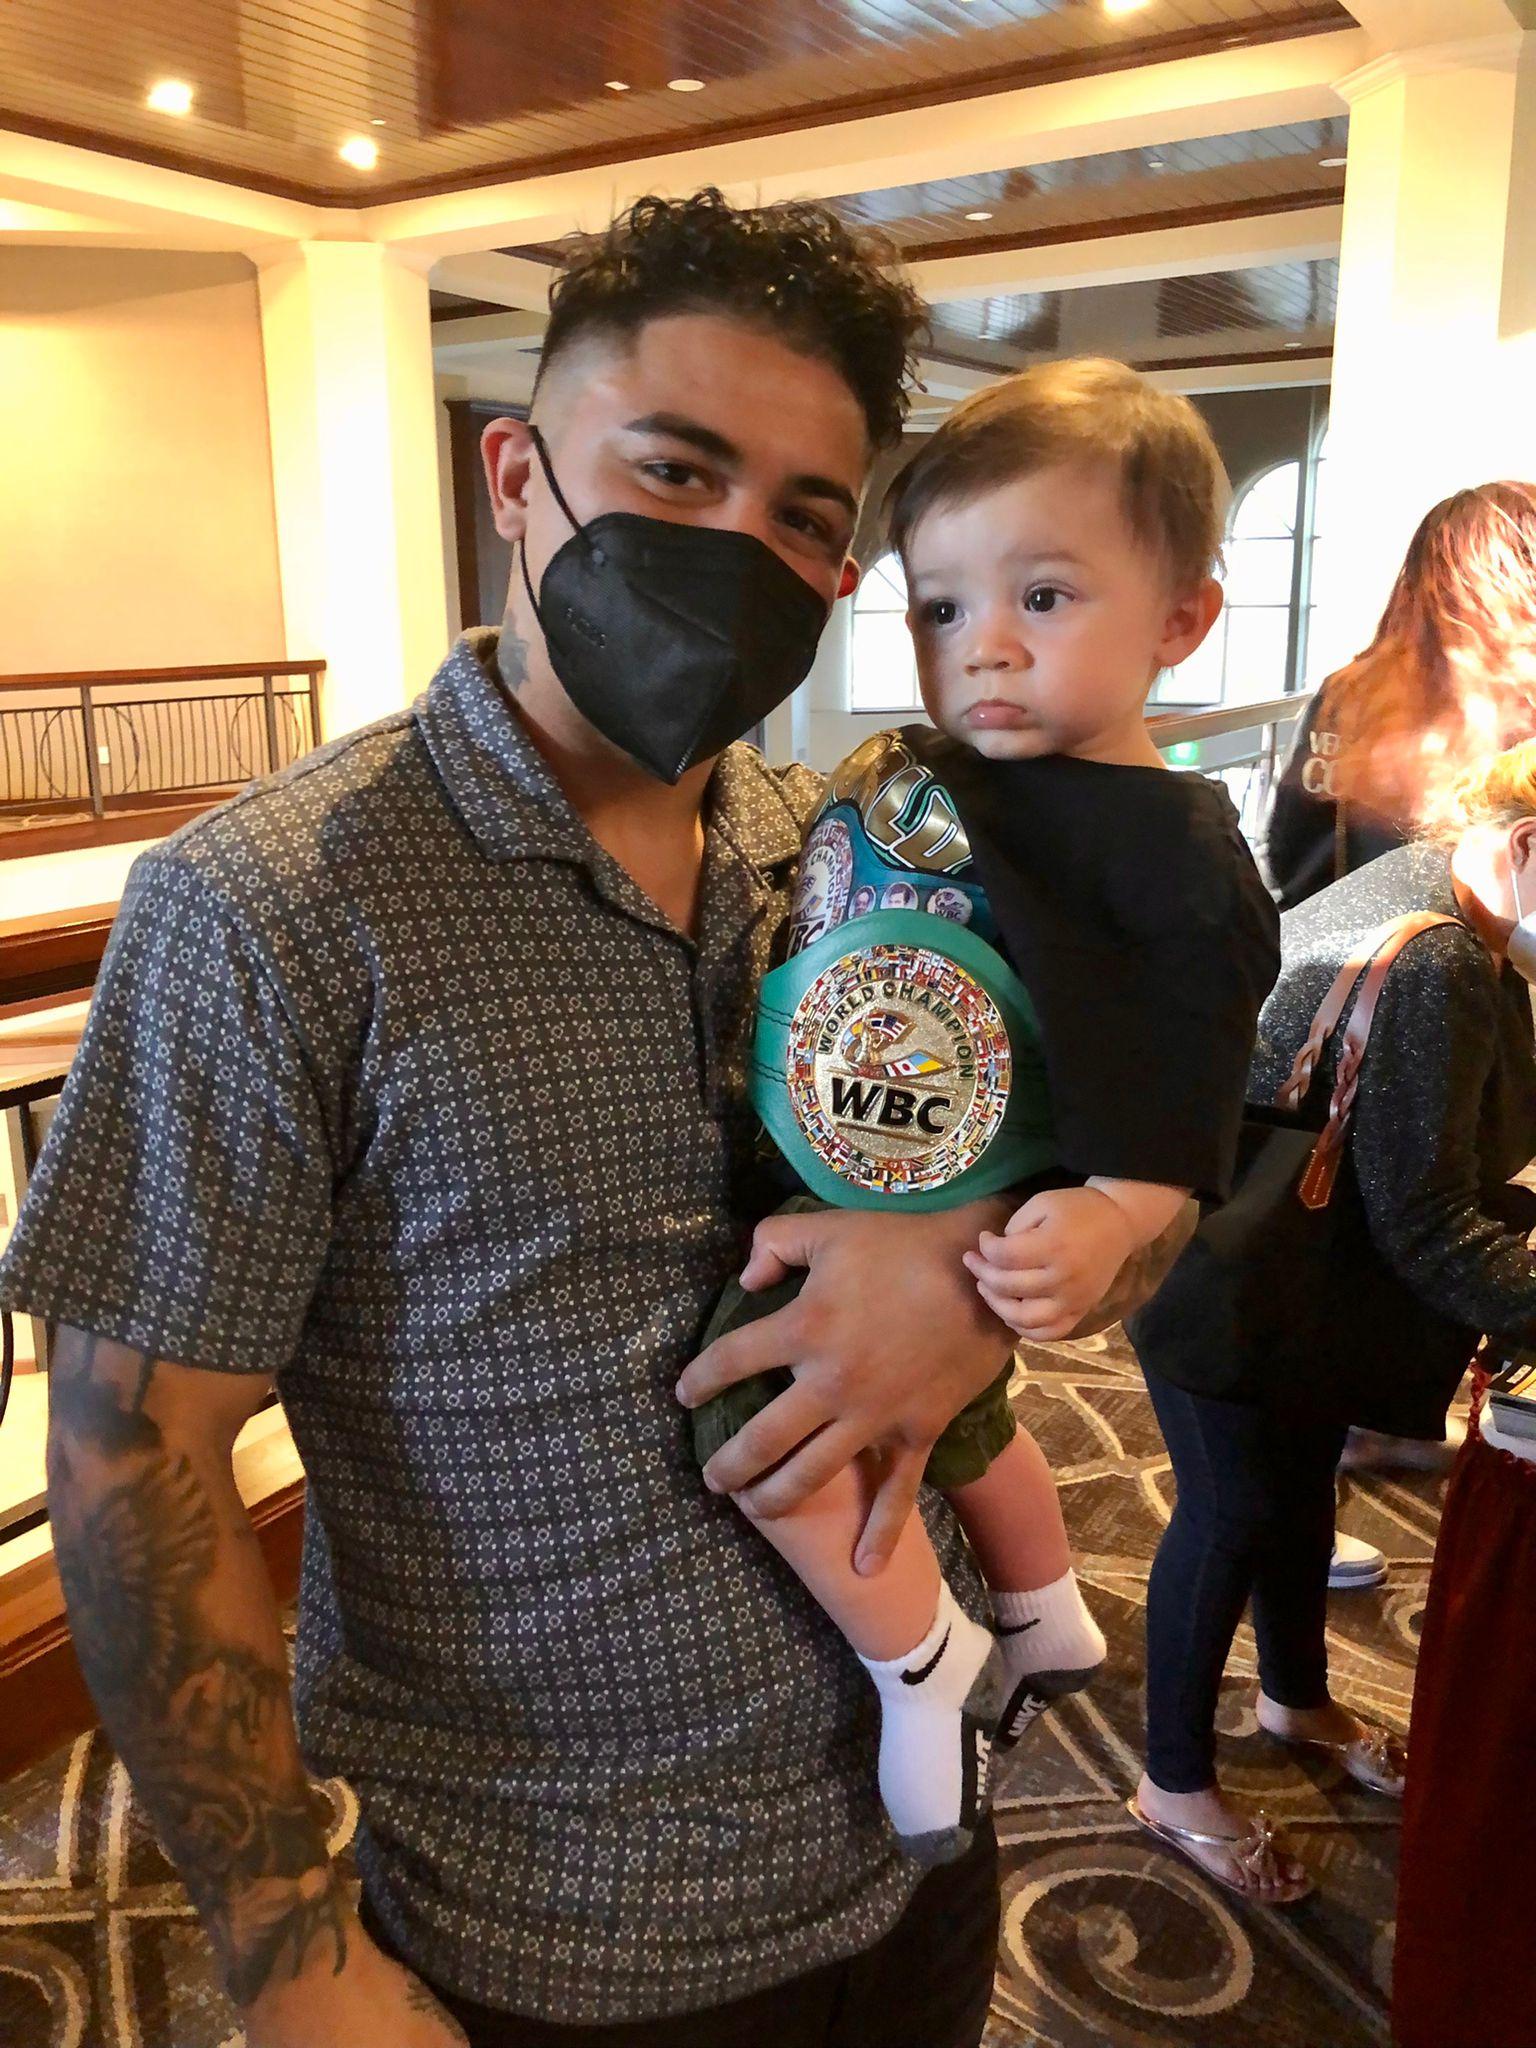 Joseph Díaz receives WBC trainer belt | Boxen247.com (Kristian von Sponneck)